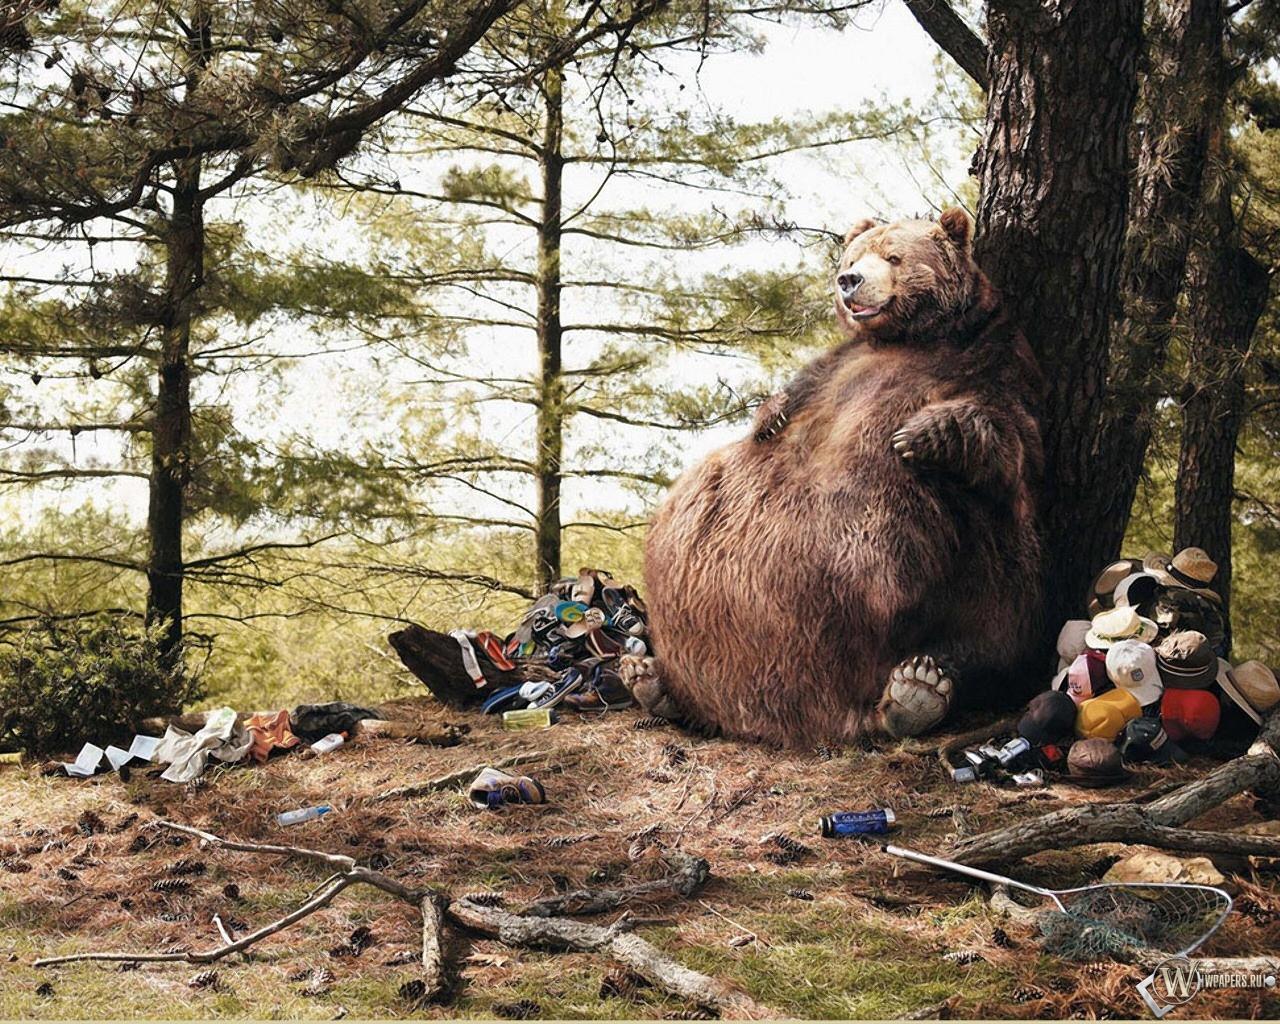 Медведь съел туристов 1280x1024